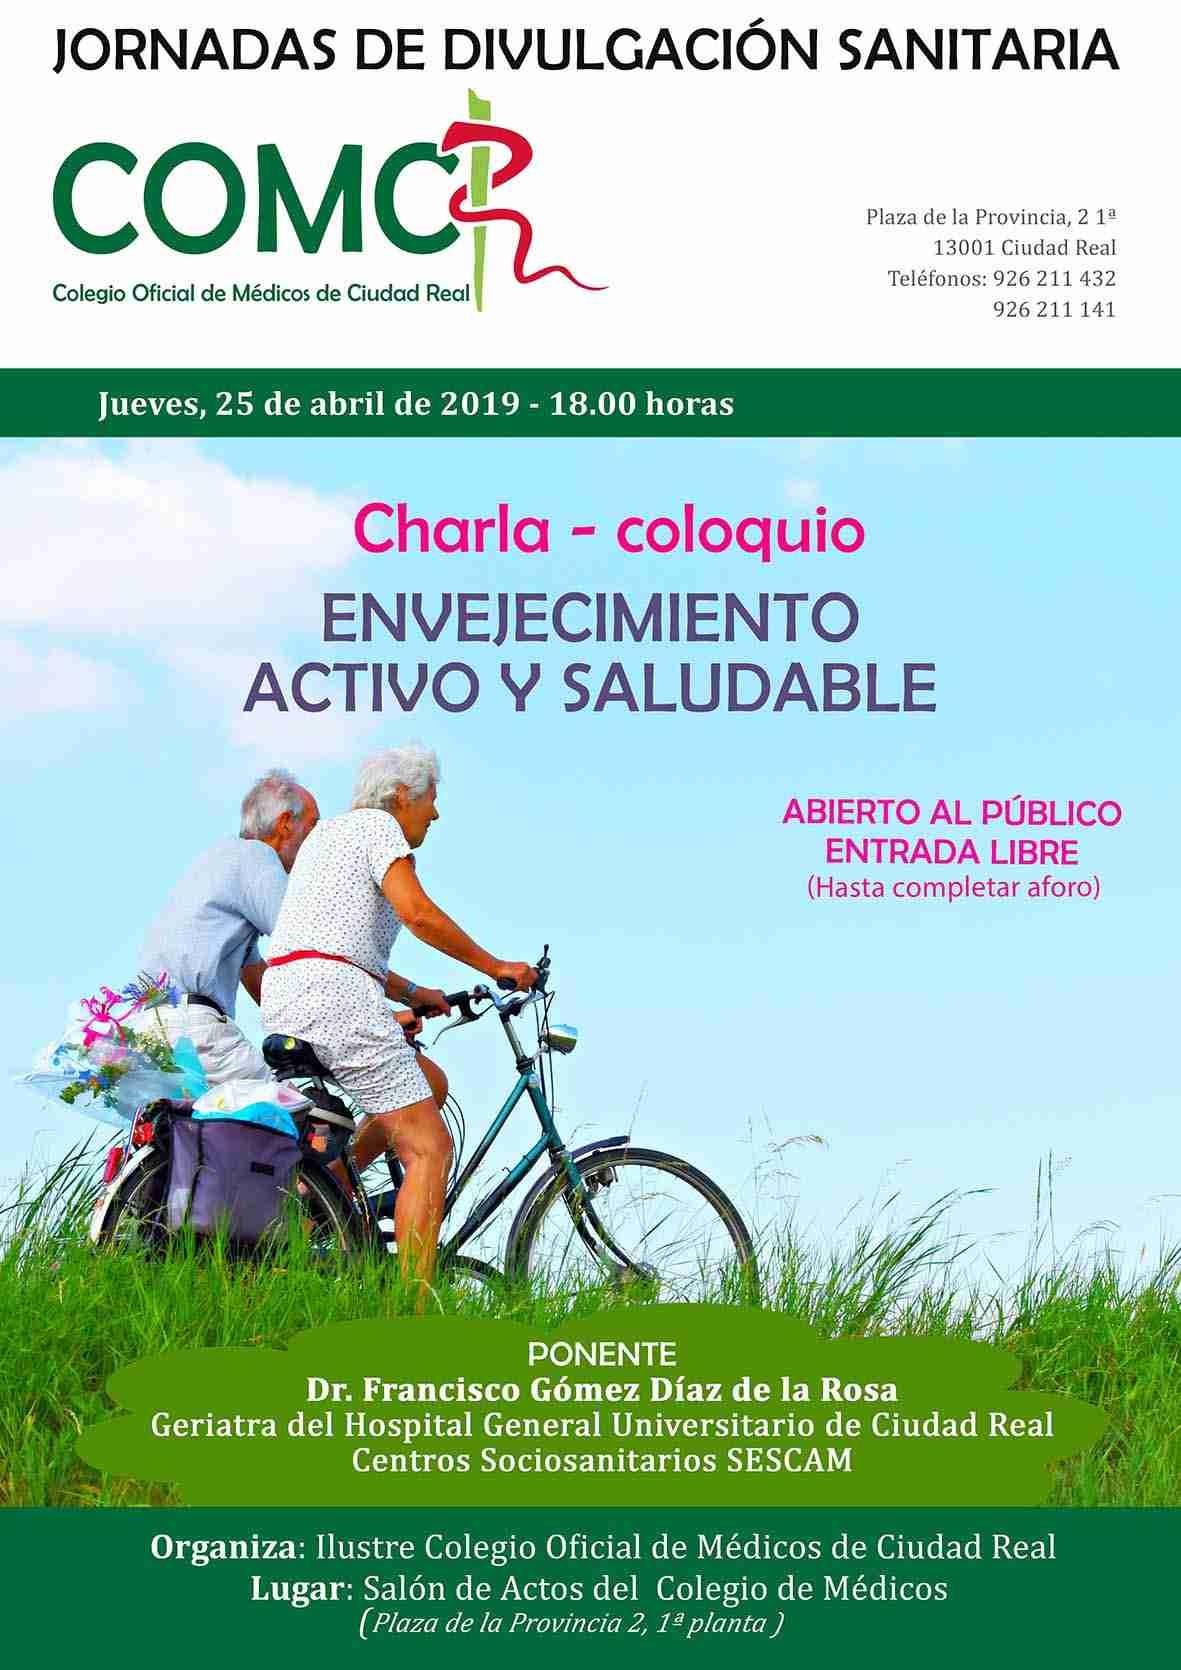 Jornadas de divulgación sanitaria: envejecimiento activo y saludable 2